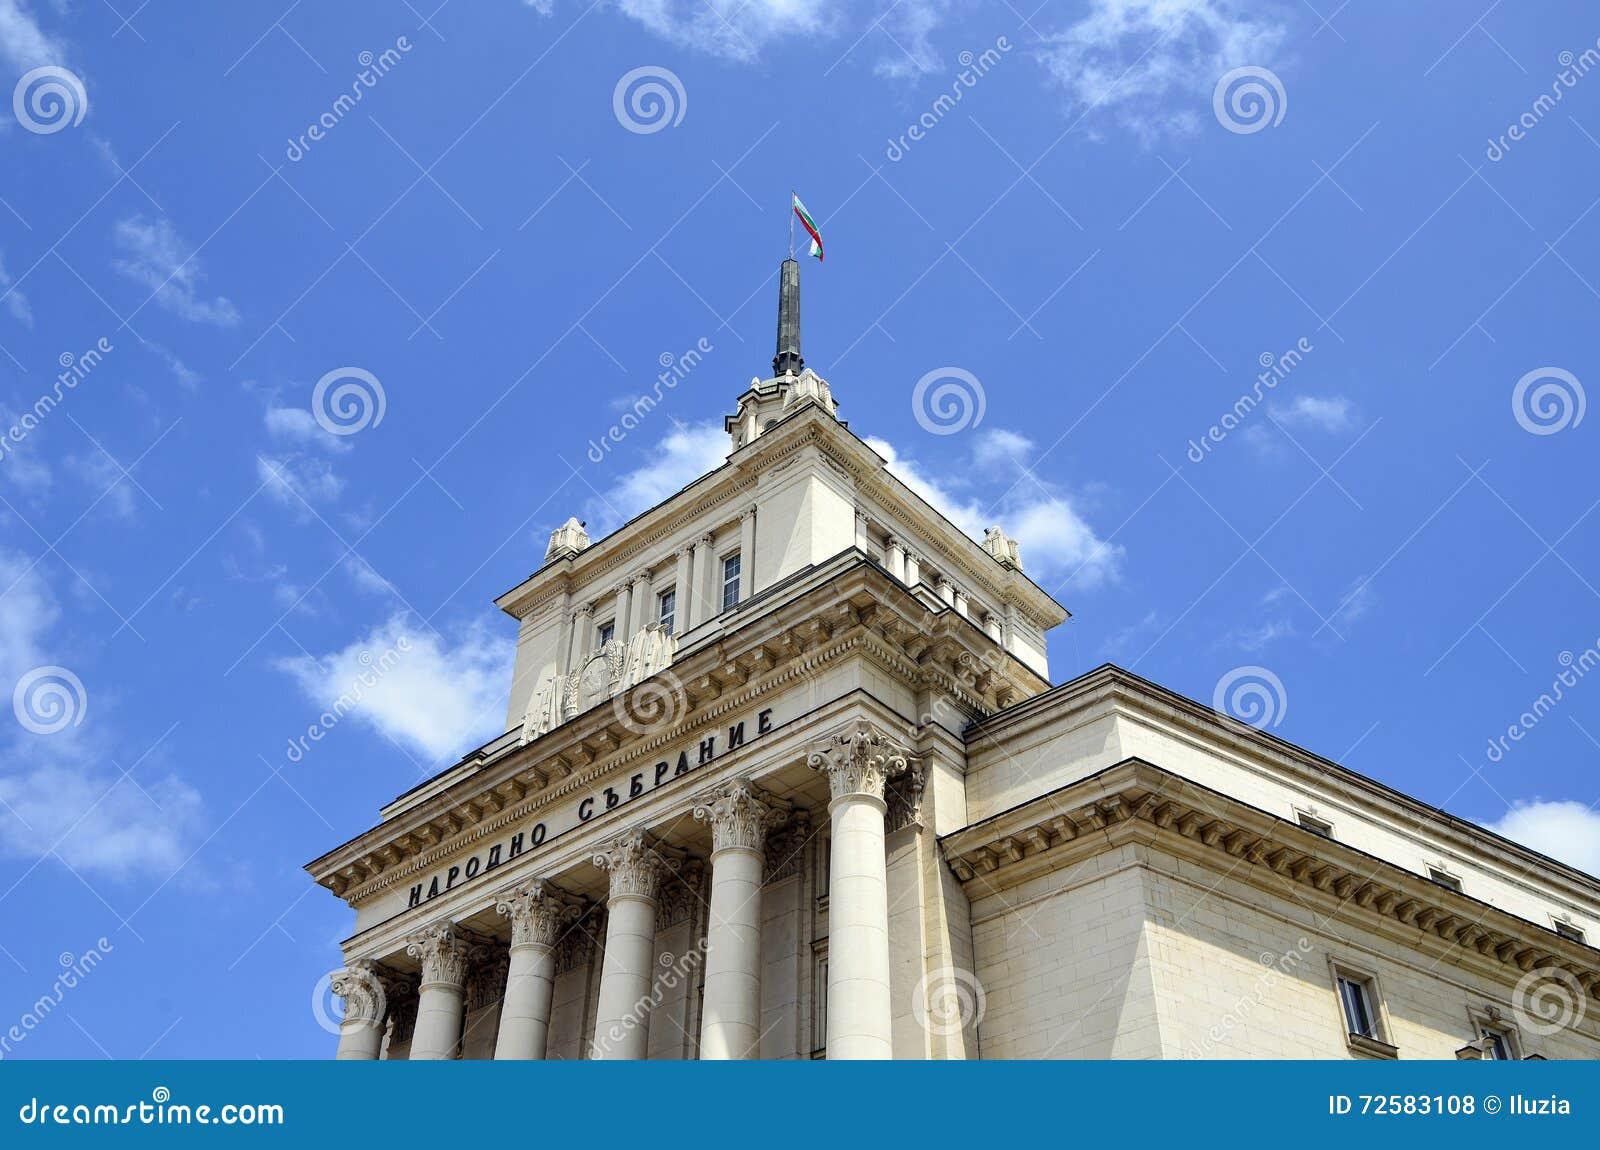 Σόφια, Βουλγαρία - βραδύτατο κτήριο Έδρα του με ενα νομοθετικό σώμα βουλγαρικού Κοινοβουλίου (εθνική συμβολική γλώσσα της Βουλγαρ